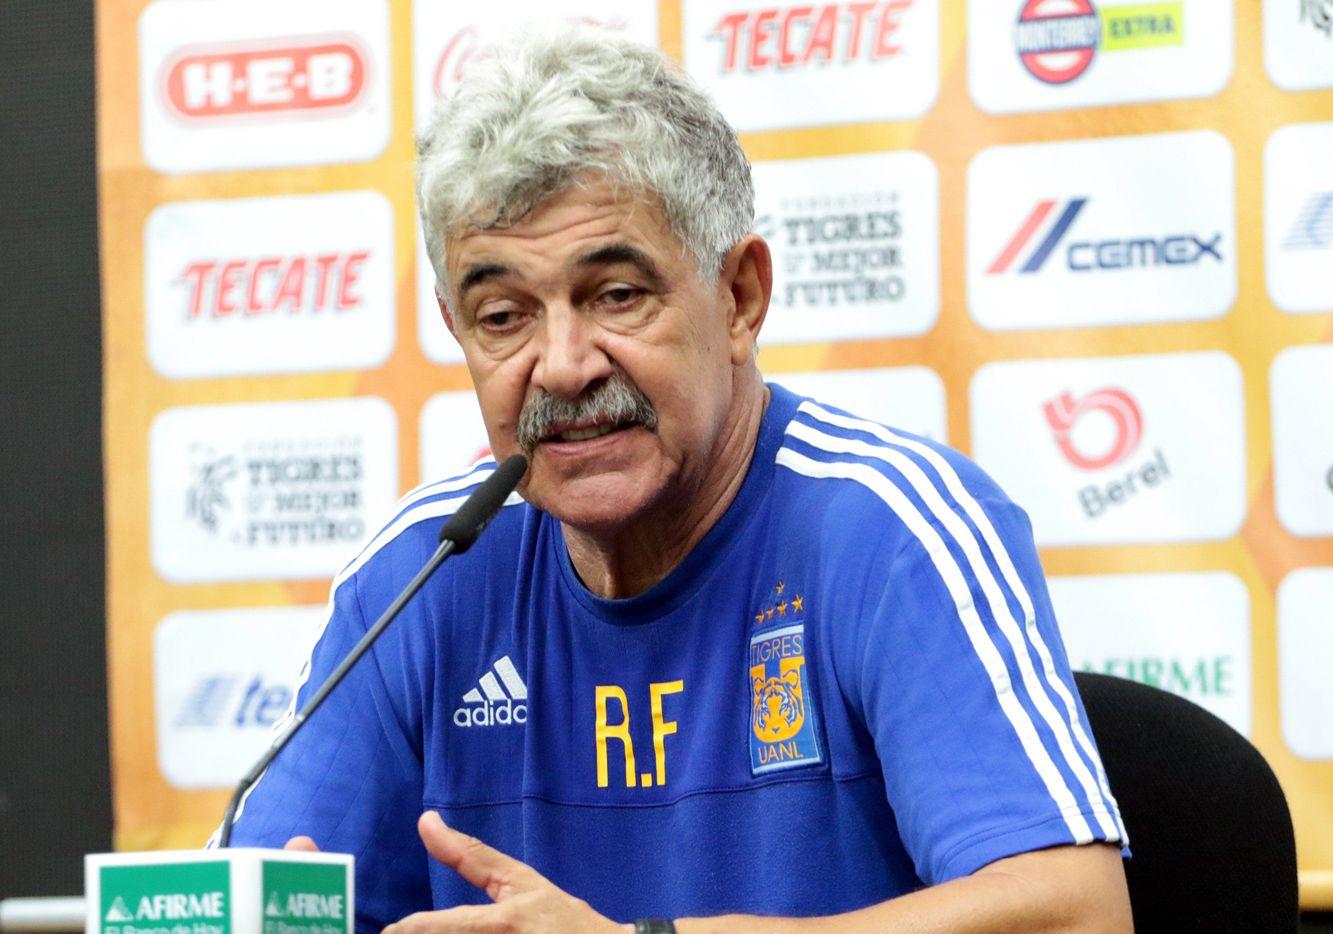 El entrenador de Tigres, Ricardo Ferretti, está a un triunfo de llevar a su equipo a la final del Mundial de Clubes.